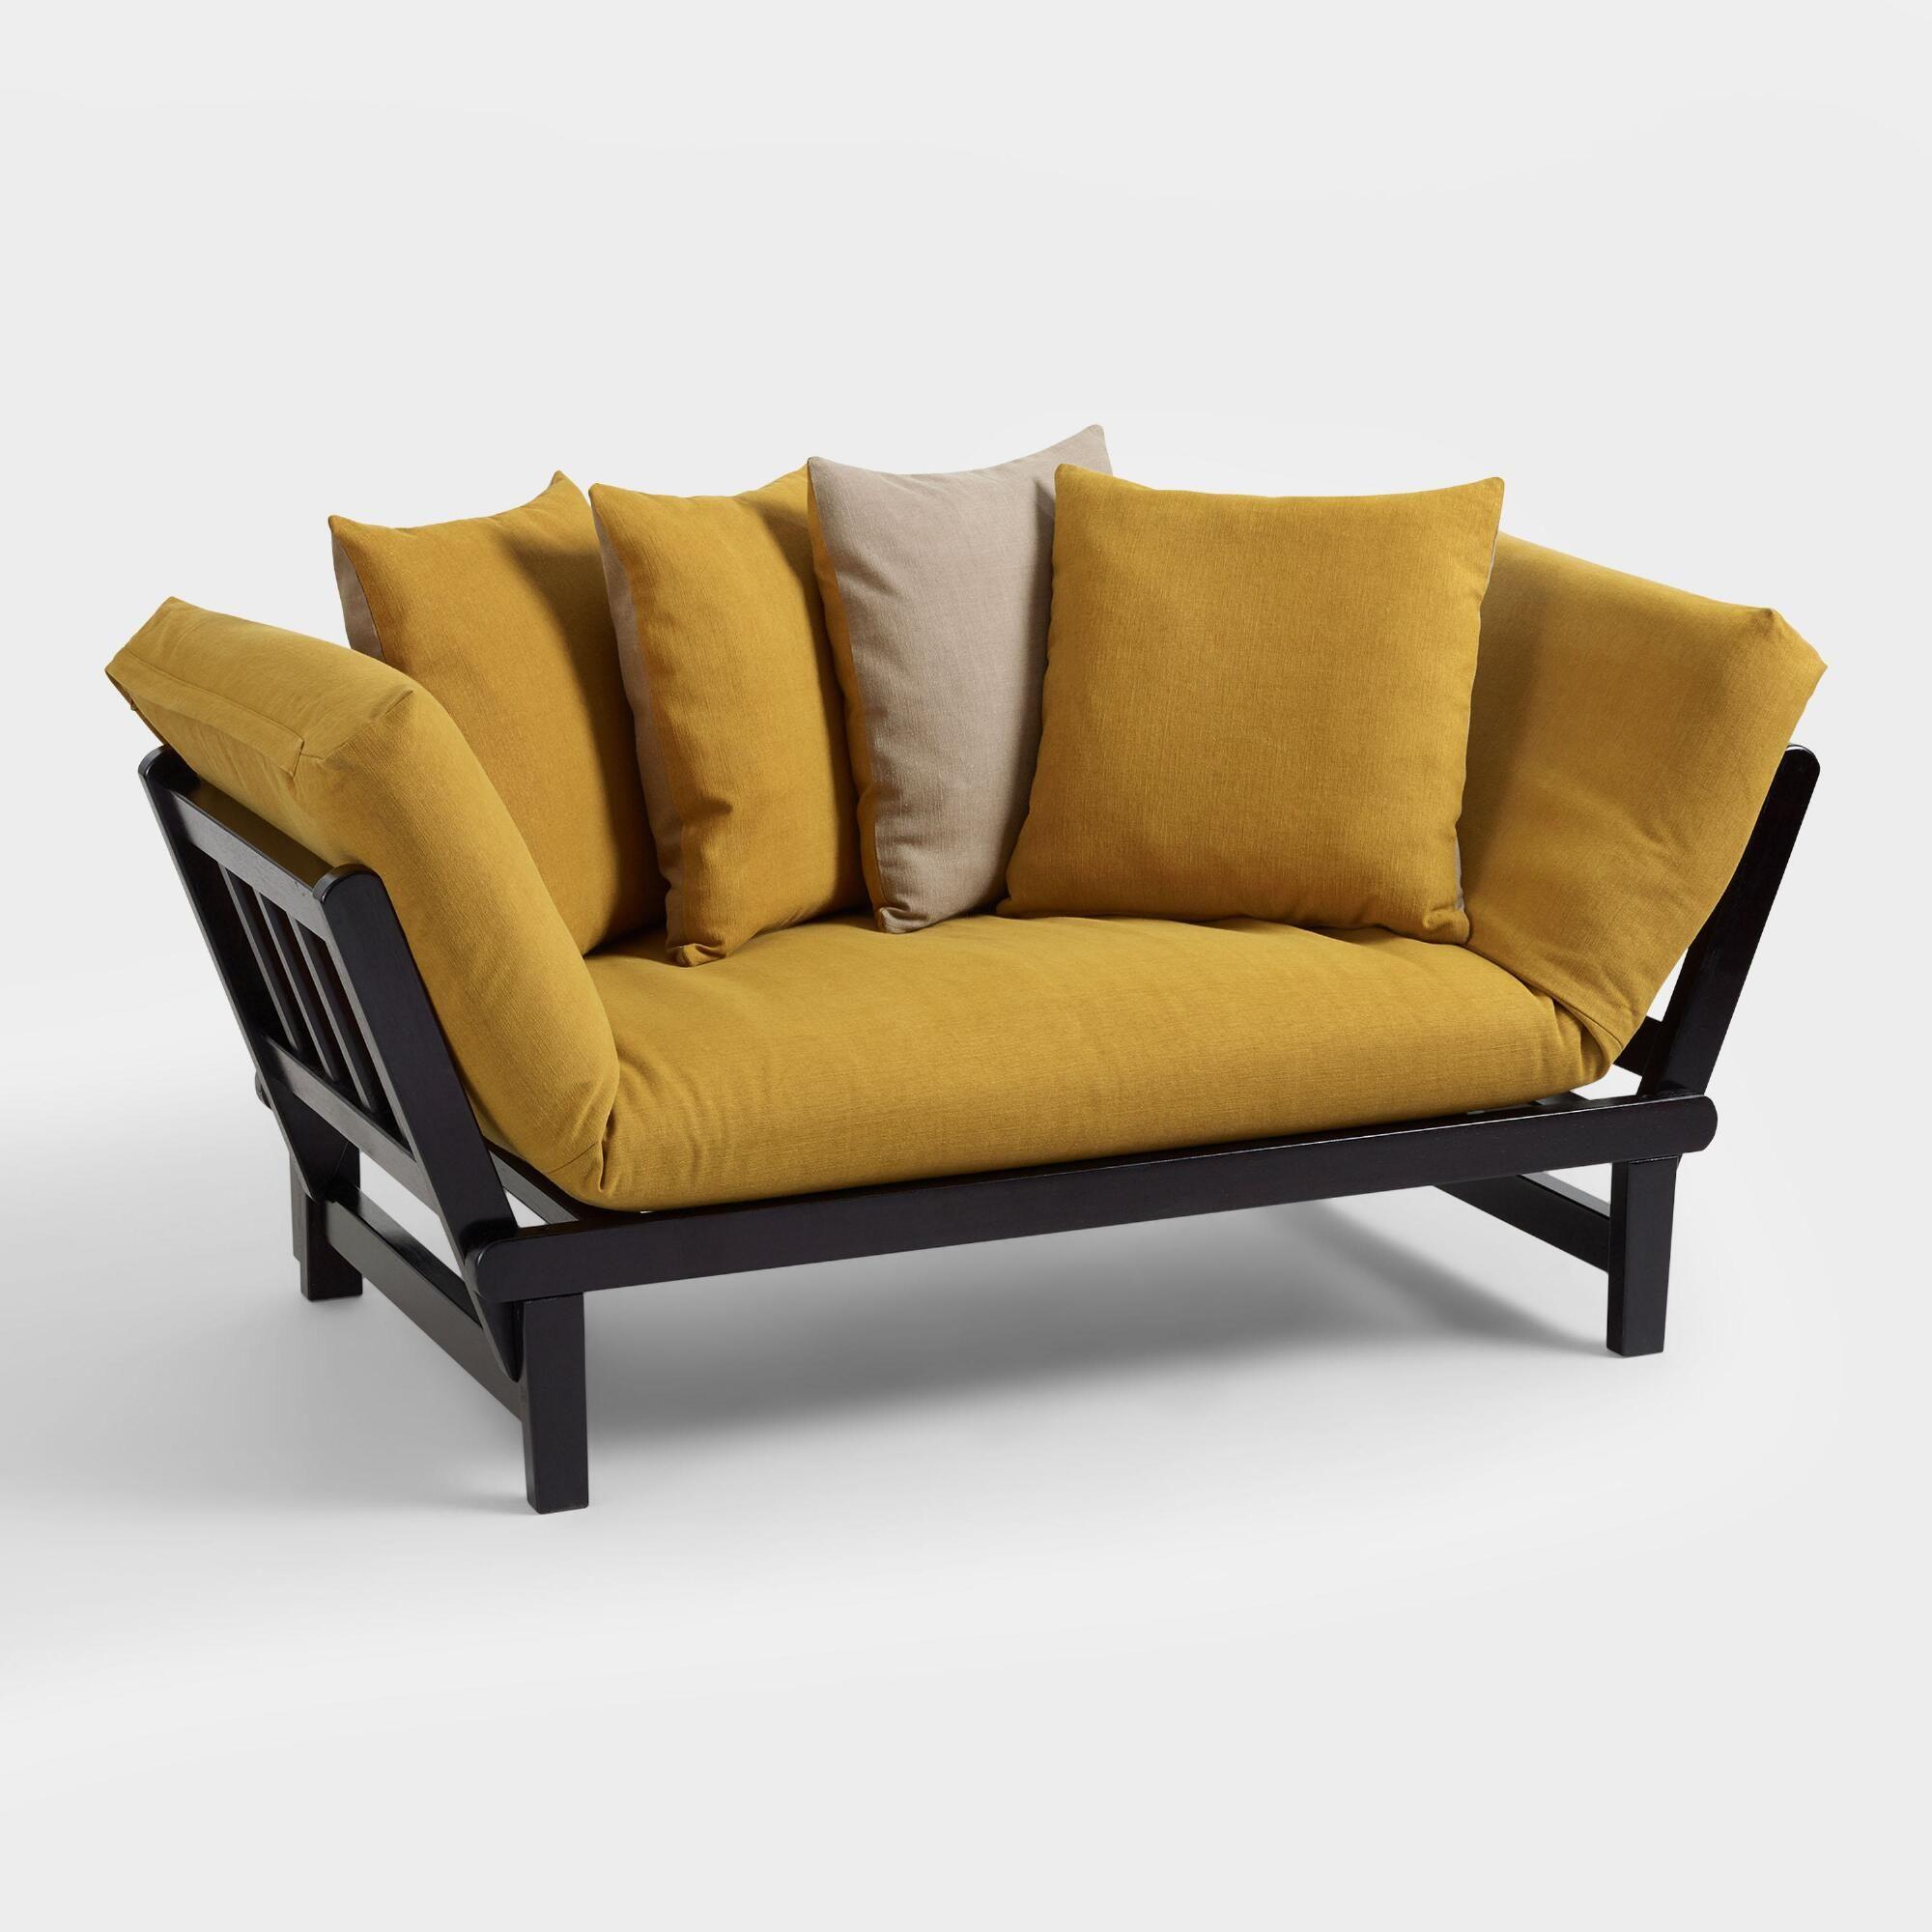 Mustard And Stone Studio Day Sofa Slipcover Yellow Natural